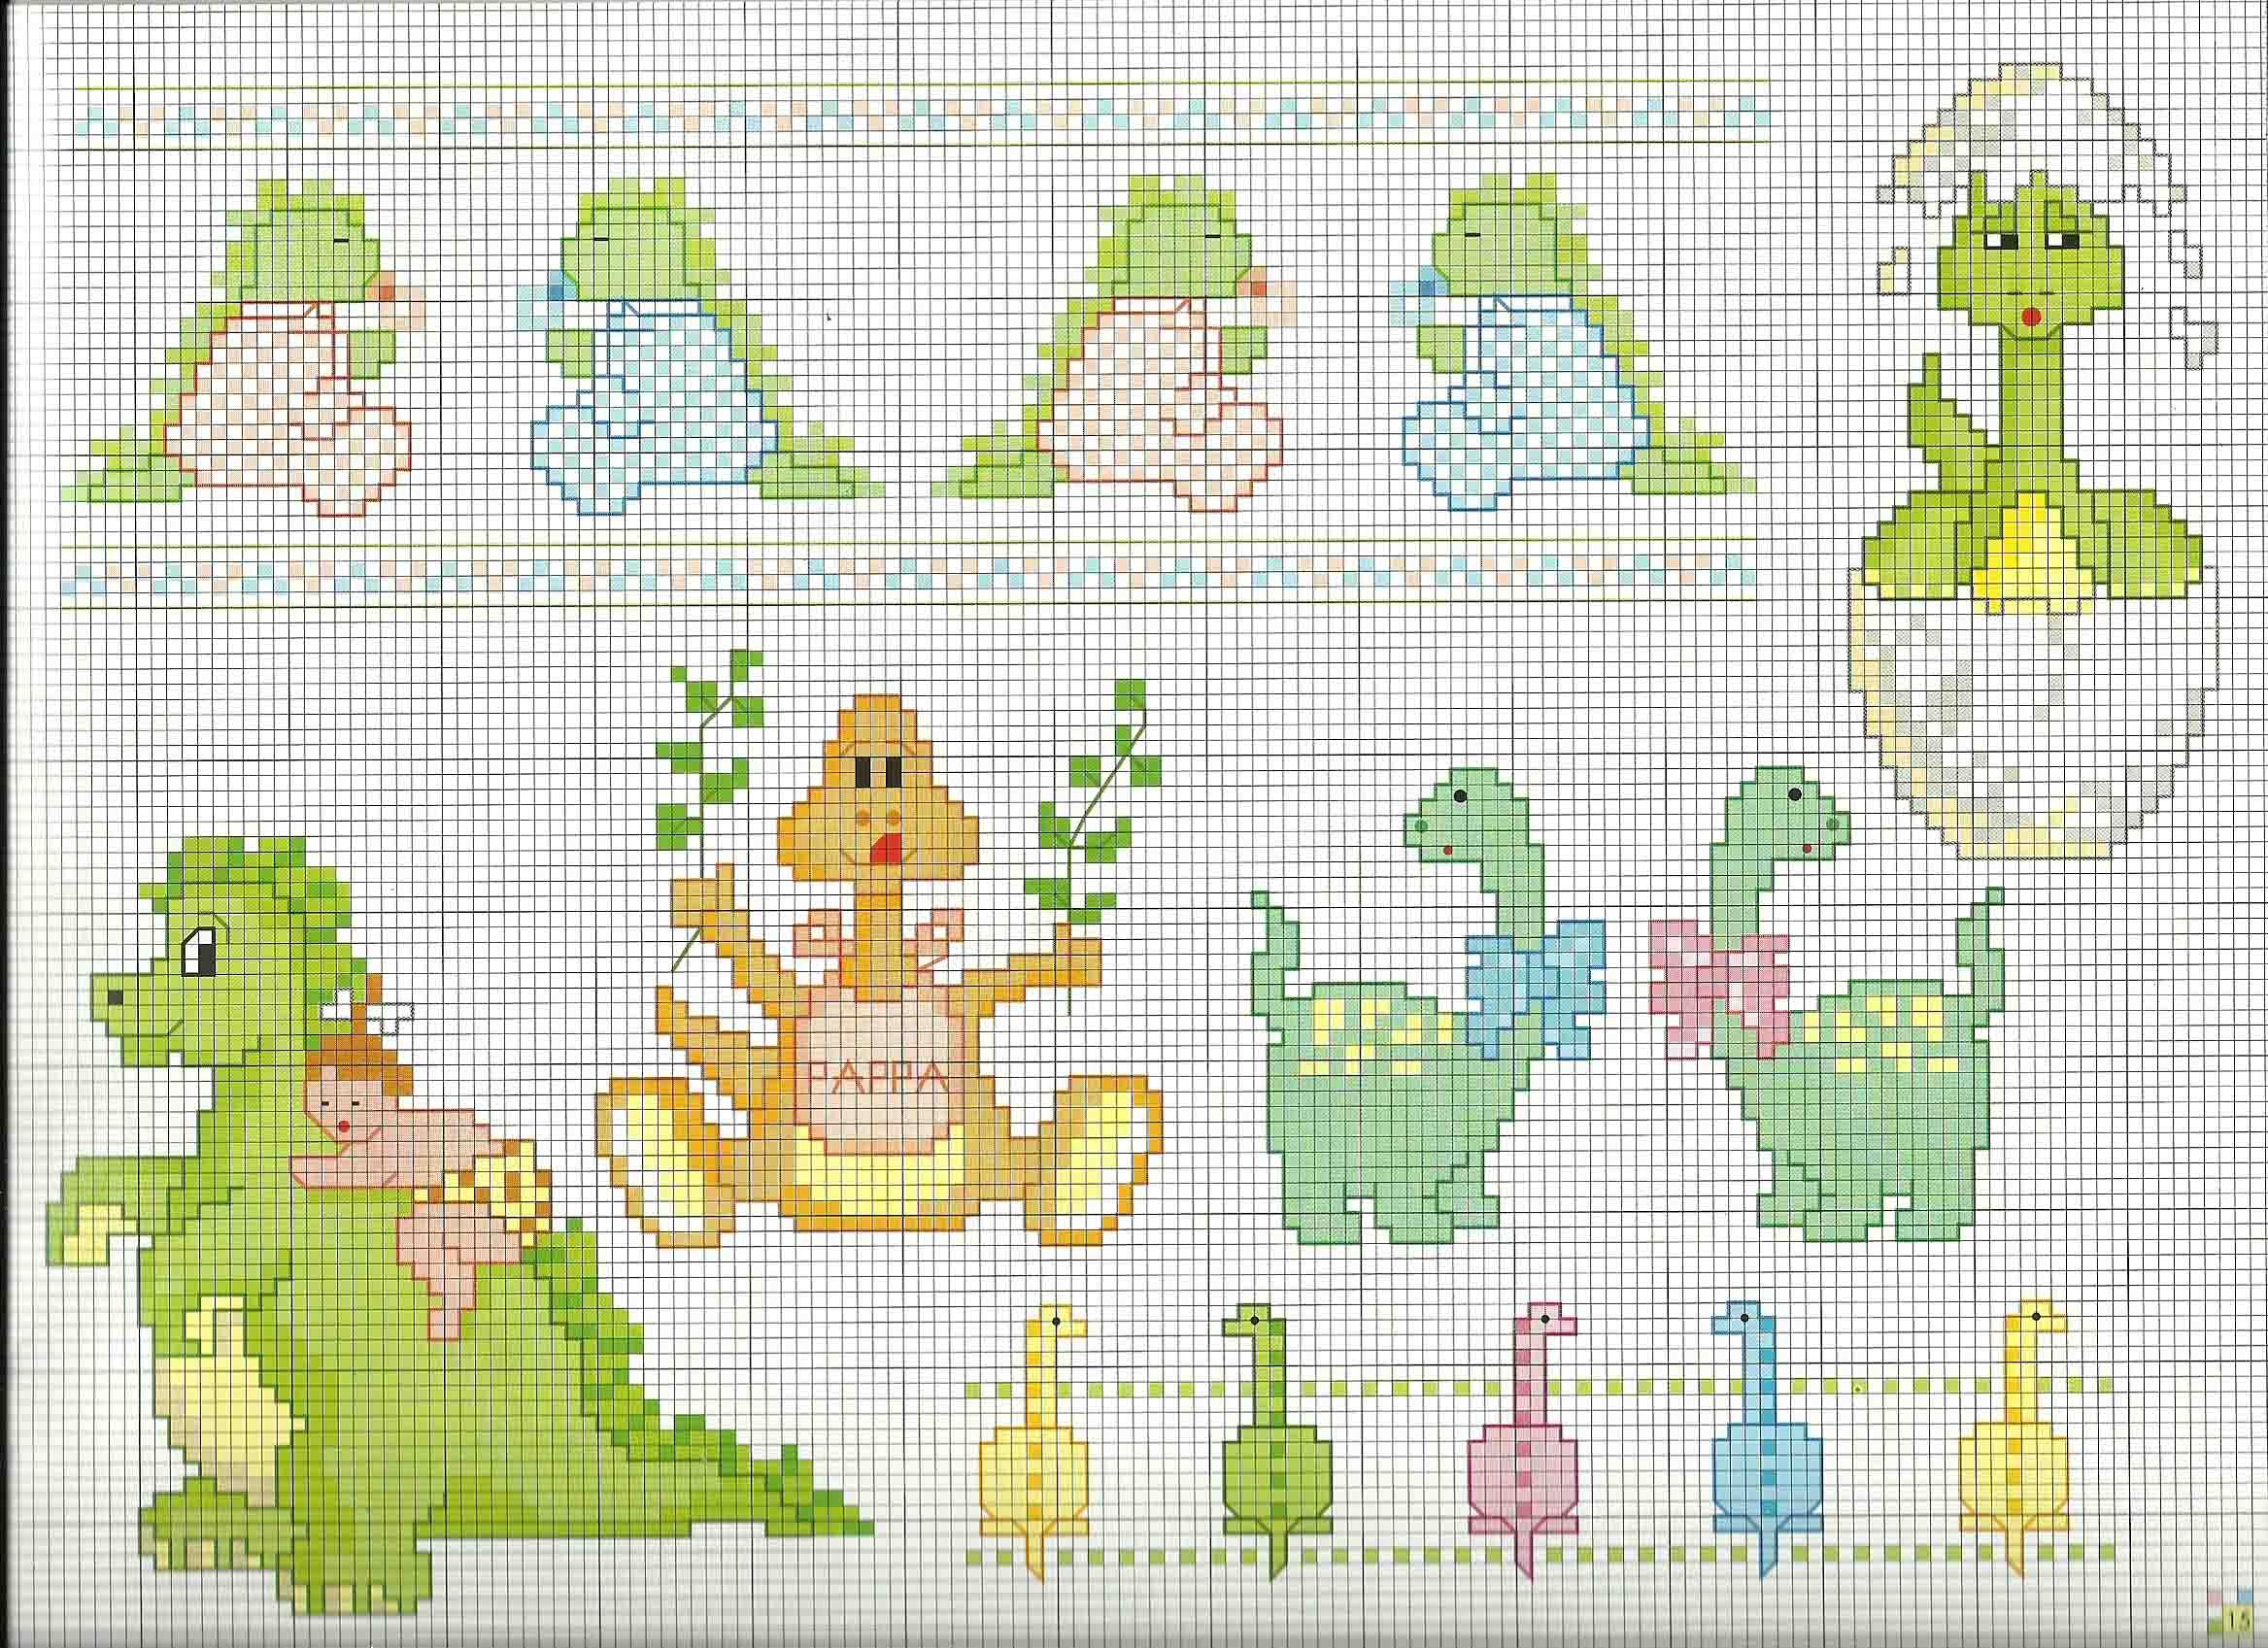 Schemi punto croce animali per bambini con piccoli for Schemi punto croce animali gratis